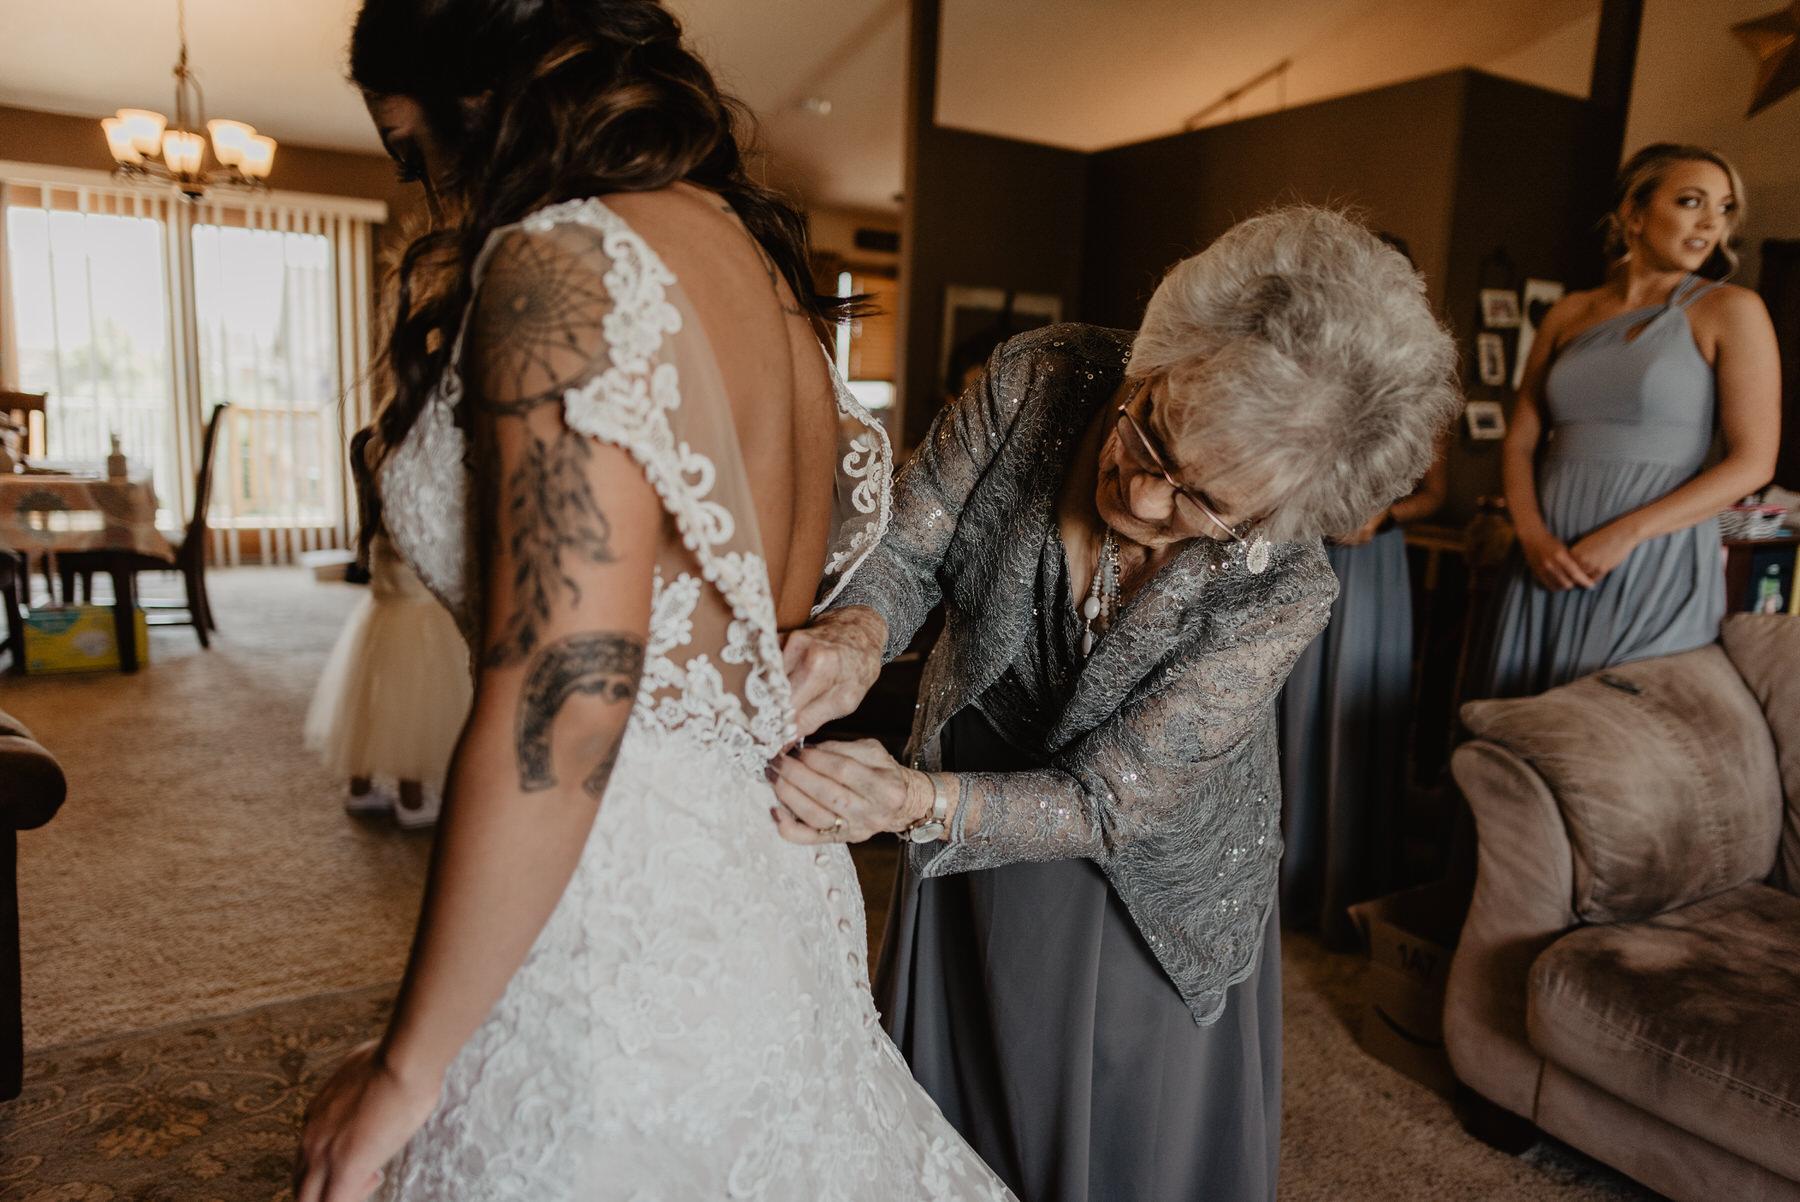 Kaylie-Sirek-Photography-Kearney-Nebraska-Wedding-022.jpg